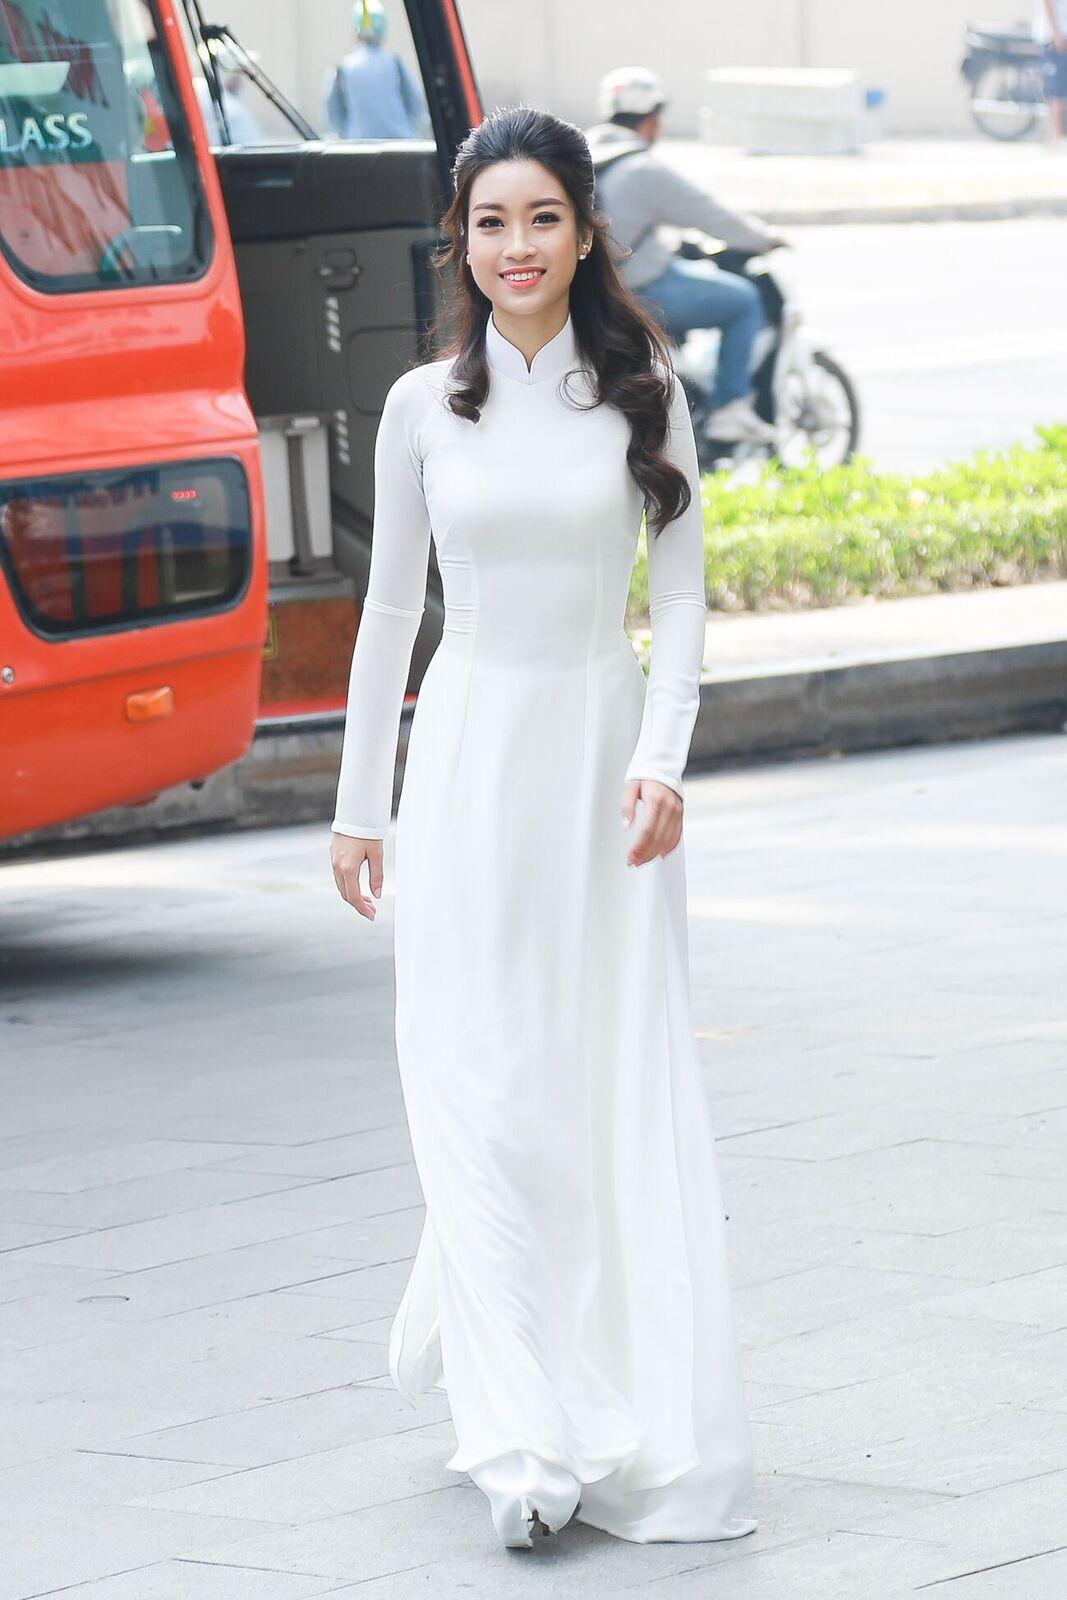 Mỹ Linh thôi miên mọi ánh nhìn với tà áo dài trắng